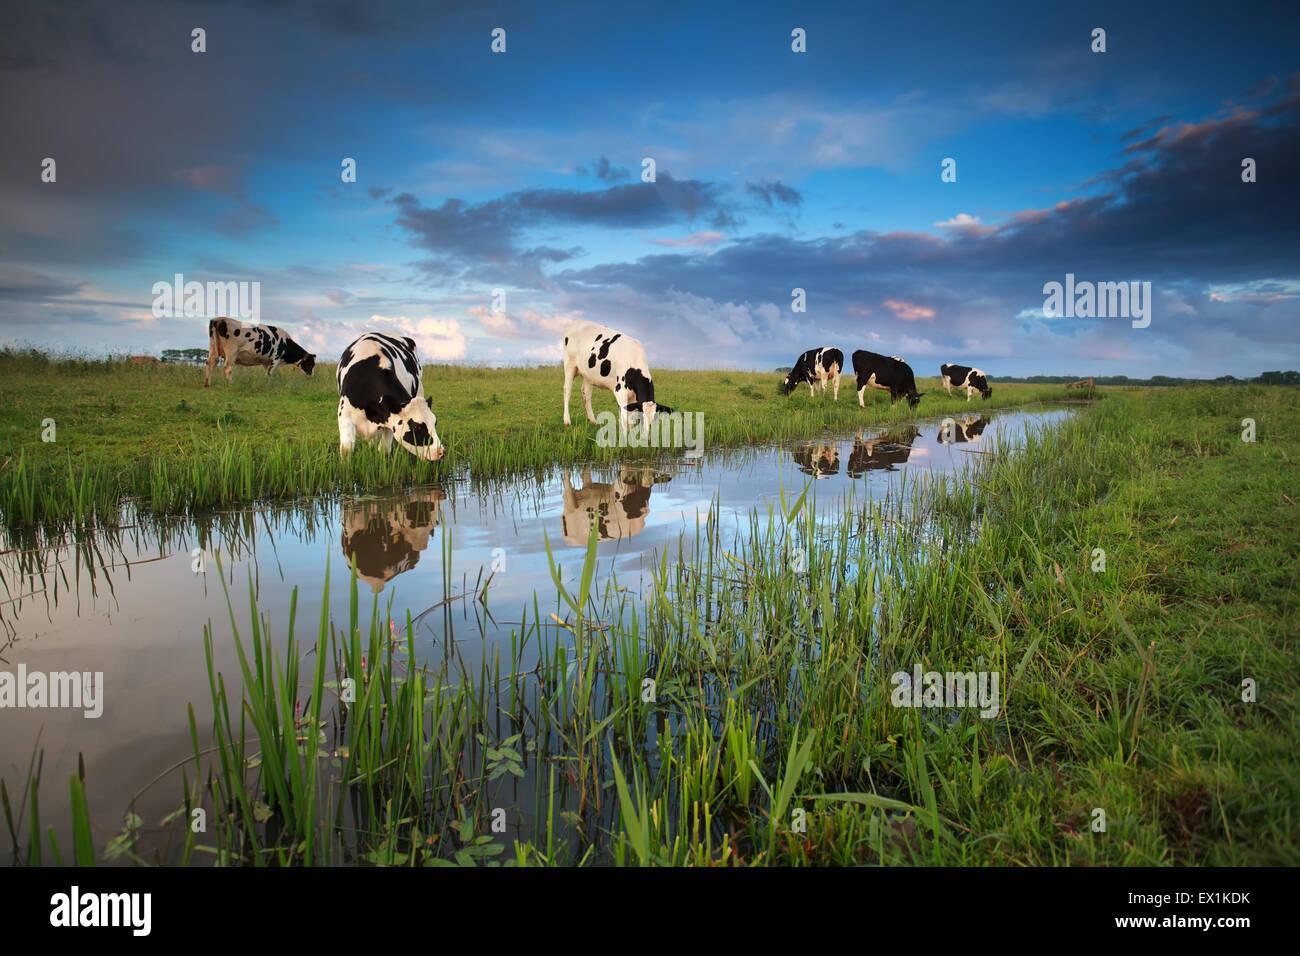 Le mucche al pascolo su terreni adibiti a pascolo dal fiume in estate Immagini Stock